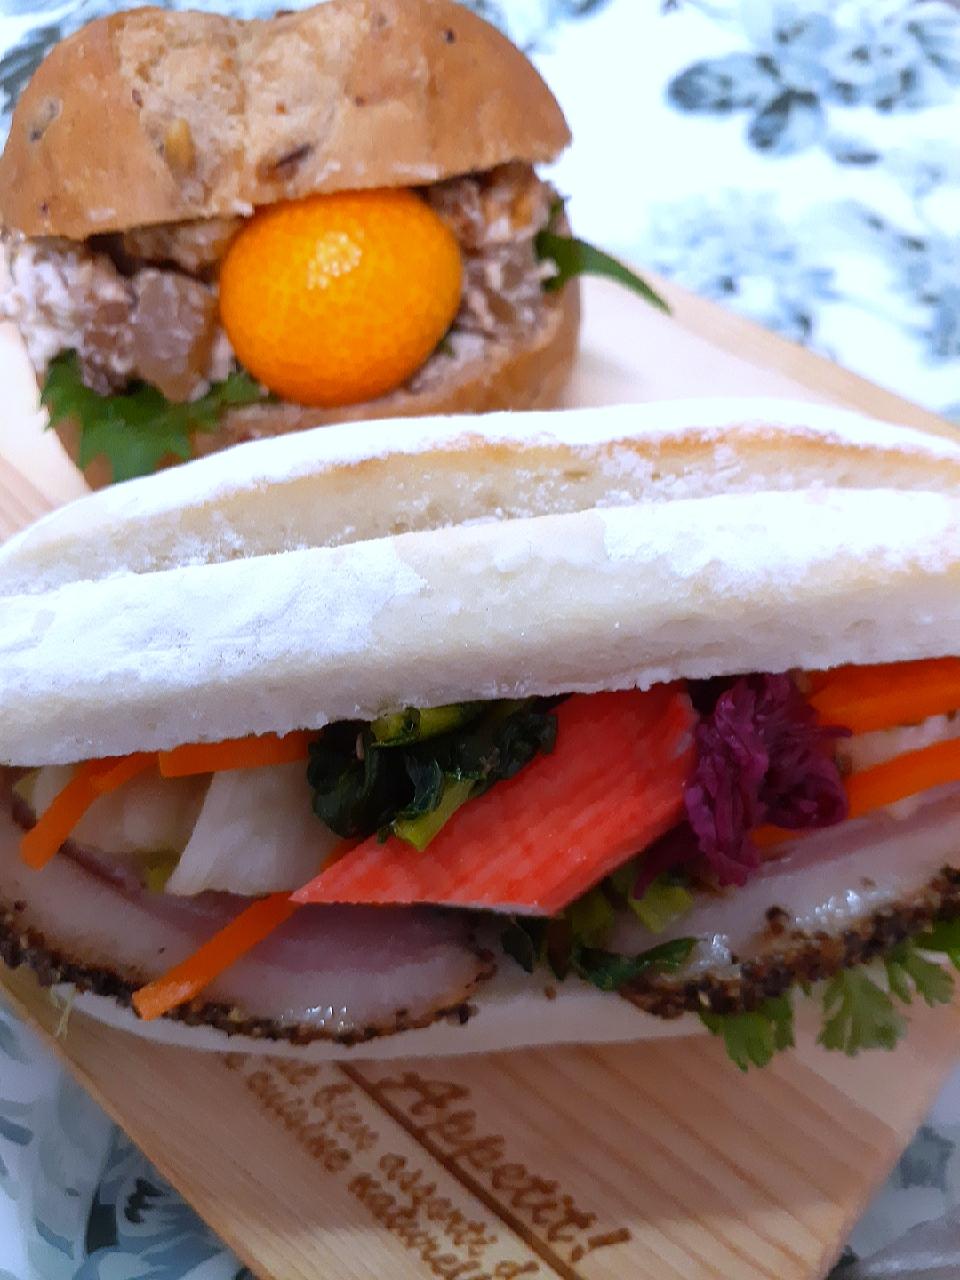 弁当 サンドイッチ 【お弁当にぴったり】プロが教える!「サンドイッチ」をおいしくラクに作る5つのコツ